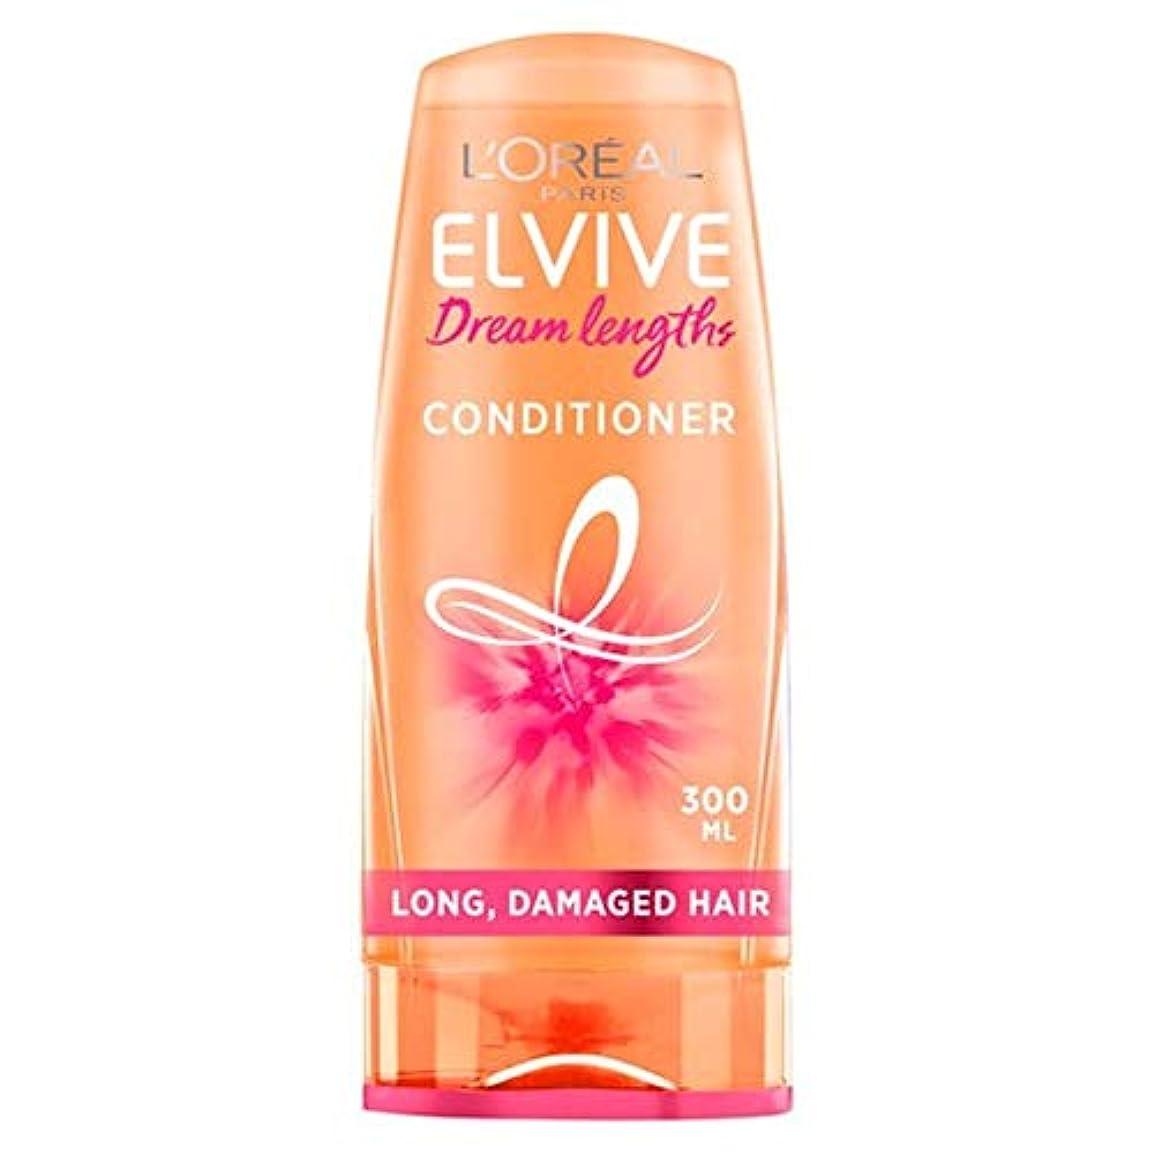 リマ着替える場合[Elvive] ロレアルはElvive長ヘアコンディショナー300ミリリットルの夢 - L'oreal Elvive Dream Lengths Hair Conditioner 300Ml [並行輸入品]